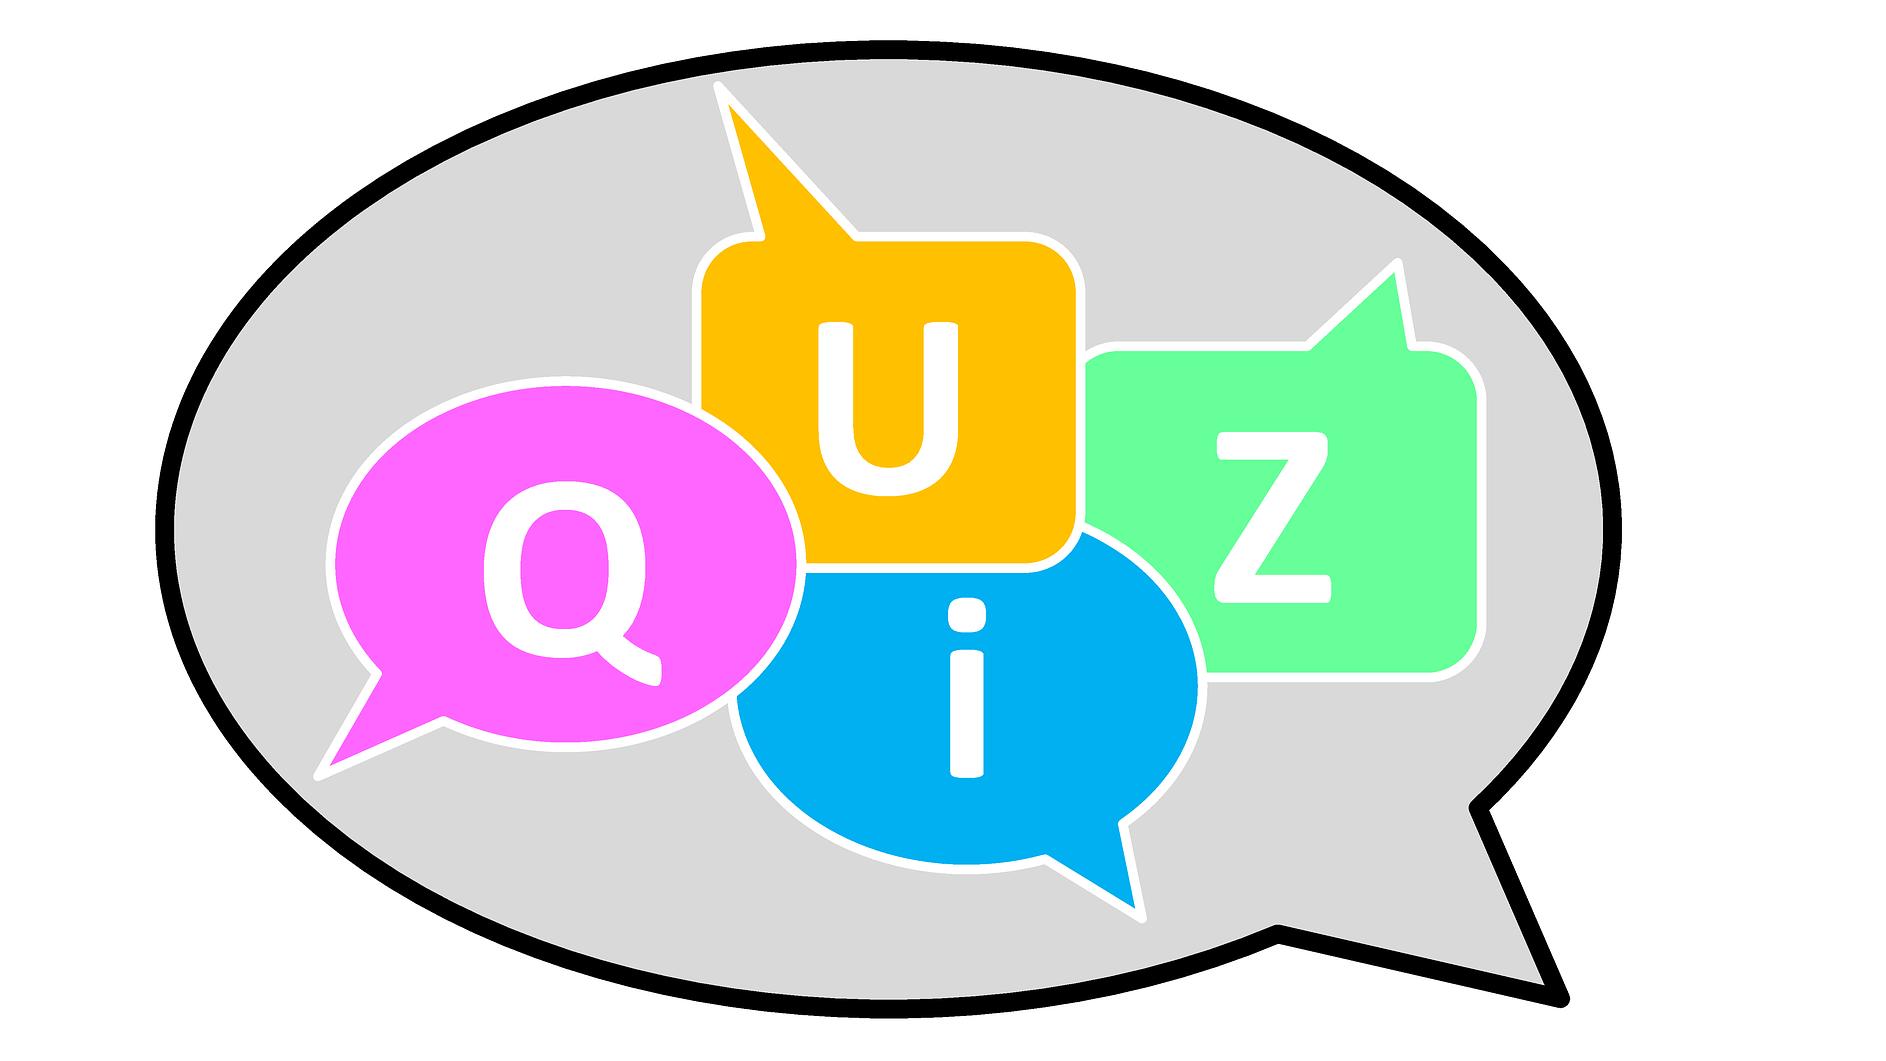 Mit fragen antworten quiz Quizfragen mit